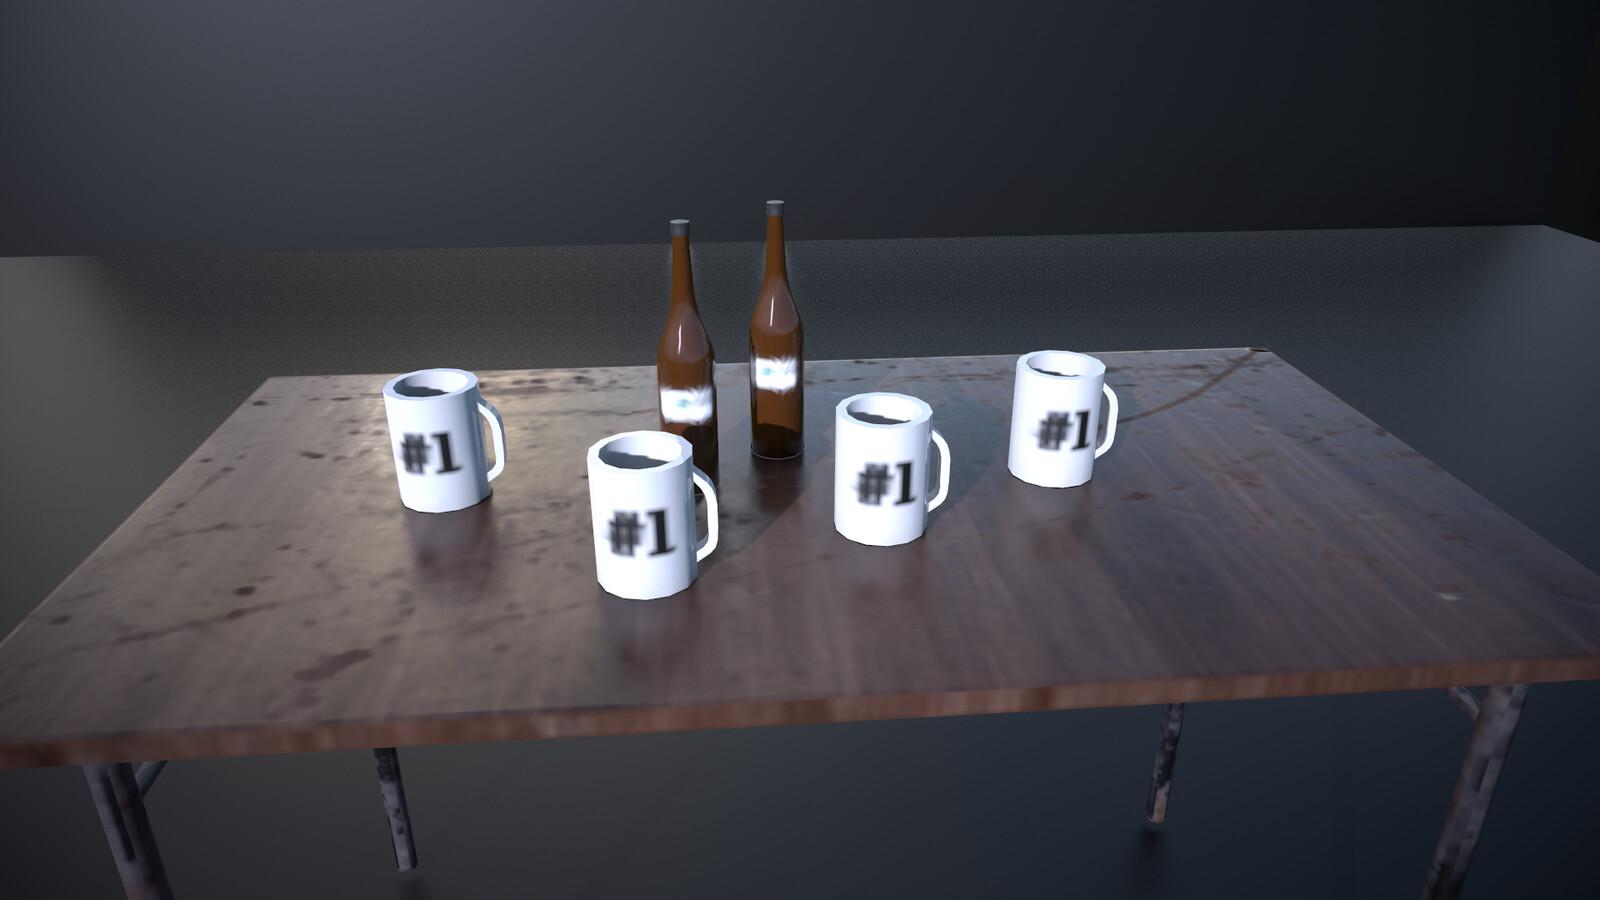 Mug and bottle